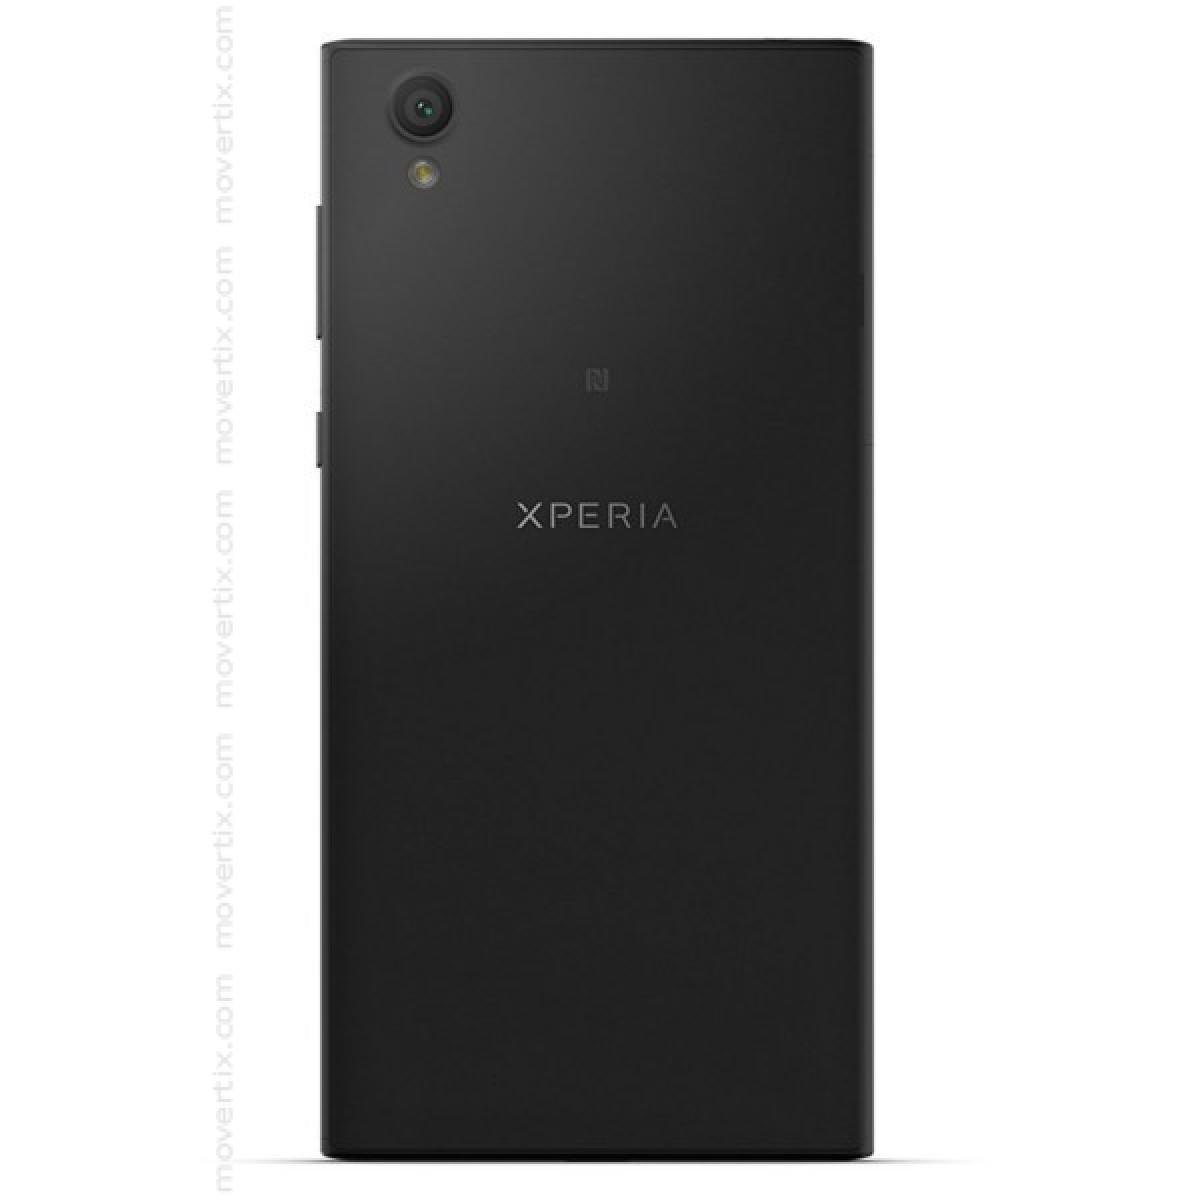 Sony Xperia L1 Black - G3311 (7311271583844) | Movertix Mobile ...